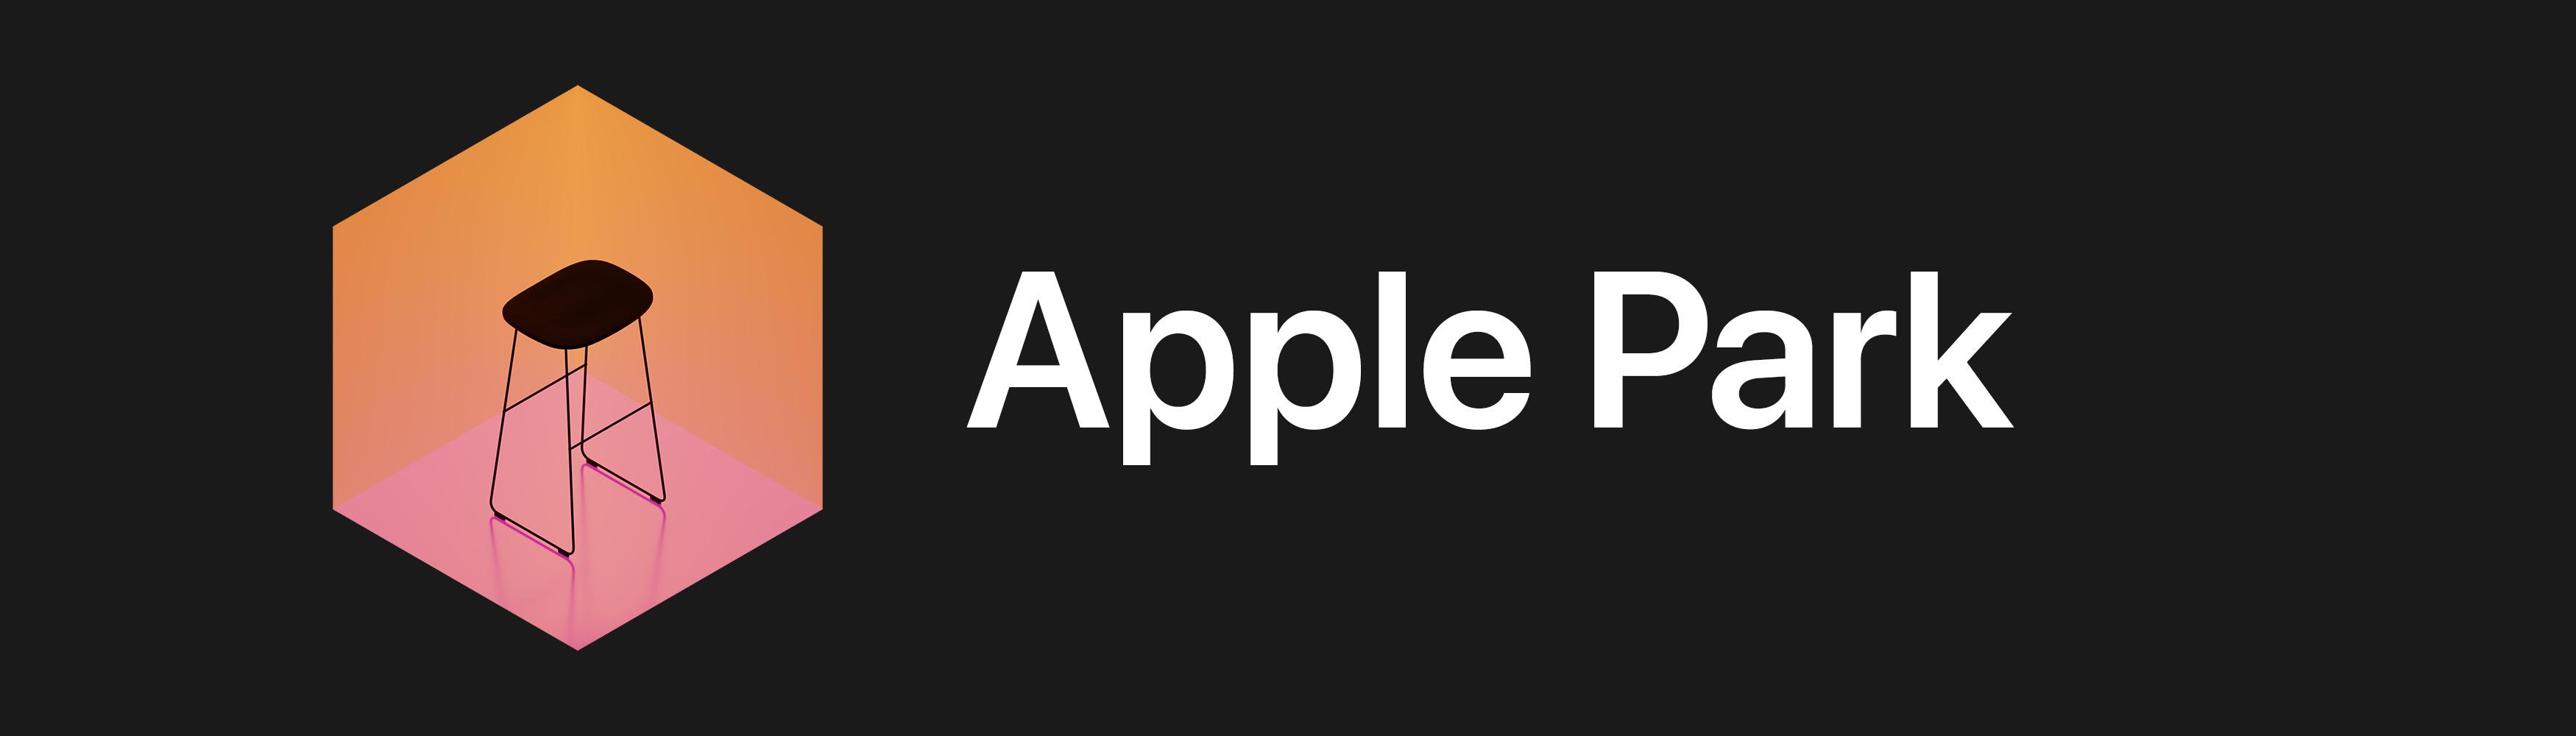 Title: Apple Park